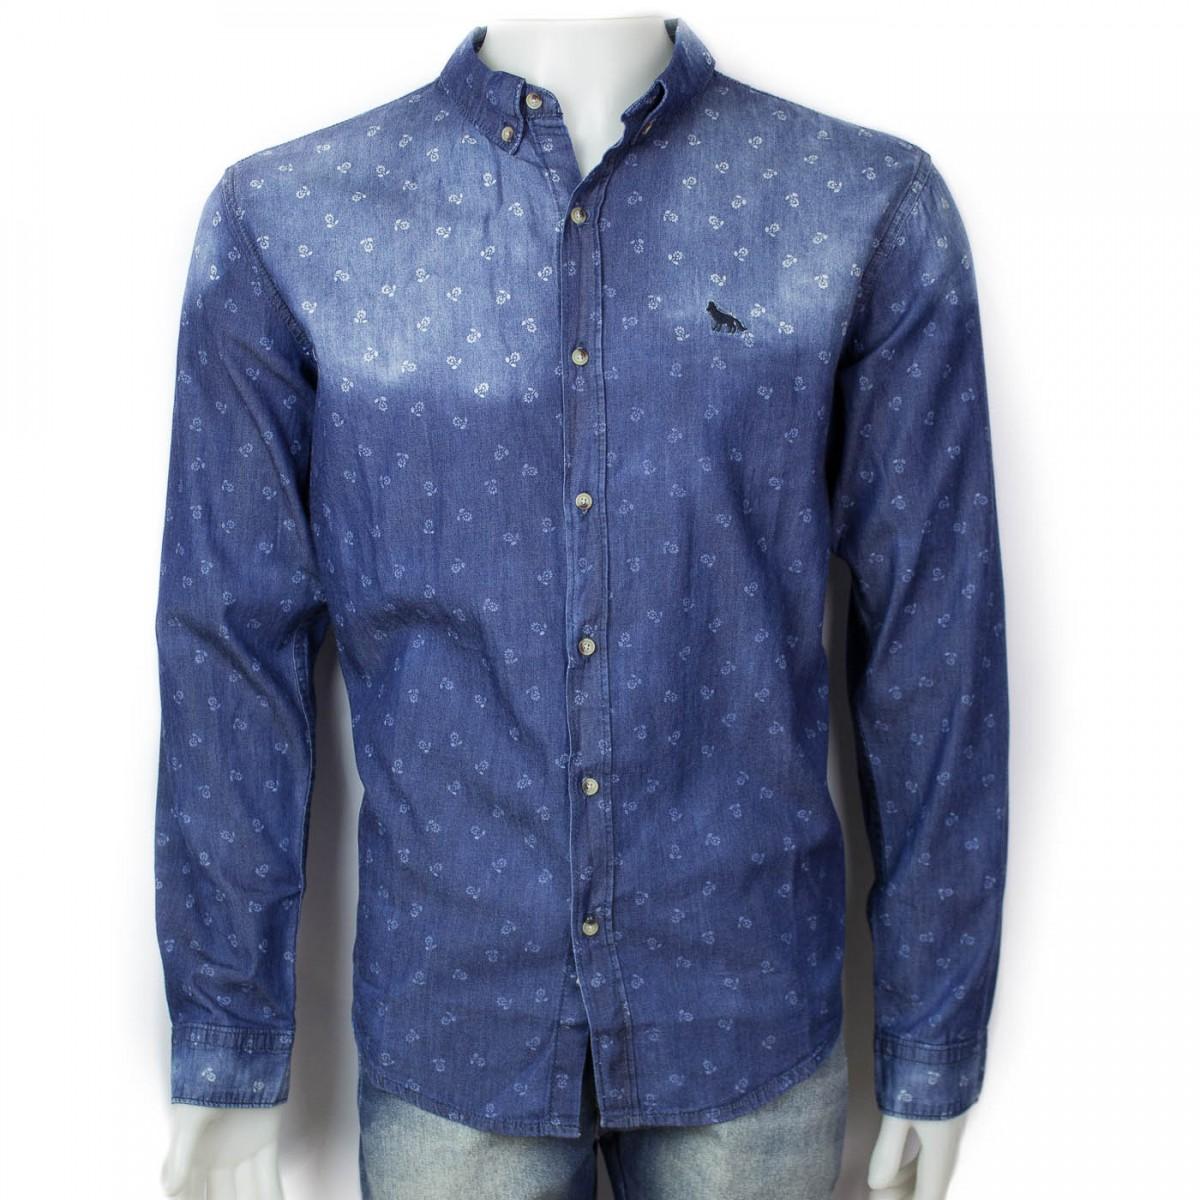 1b9e84de7f Bizz Store - Camisa Masculina Acostamento Jeans Azul Com Estampa